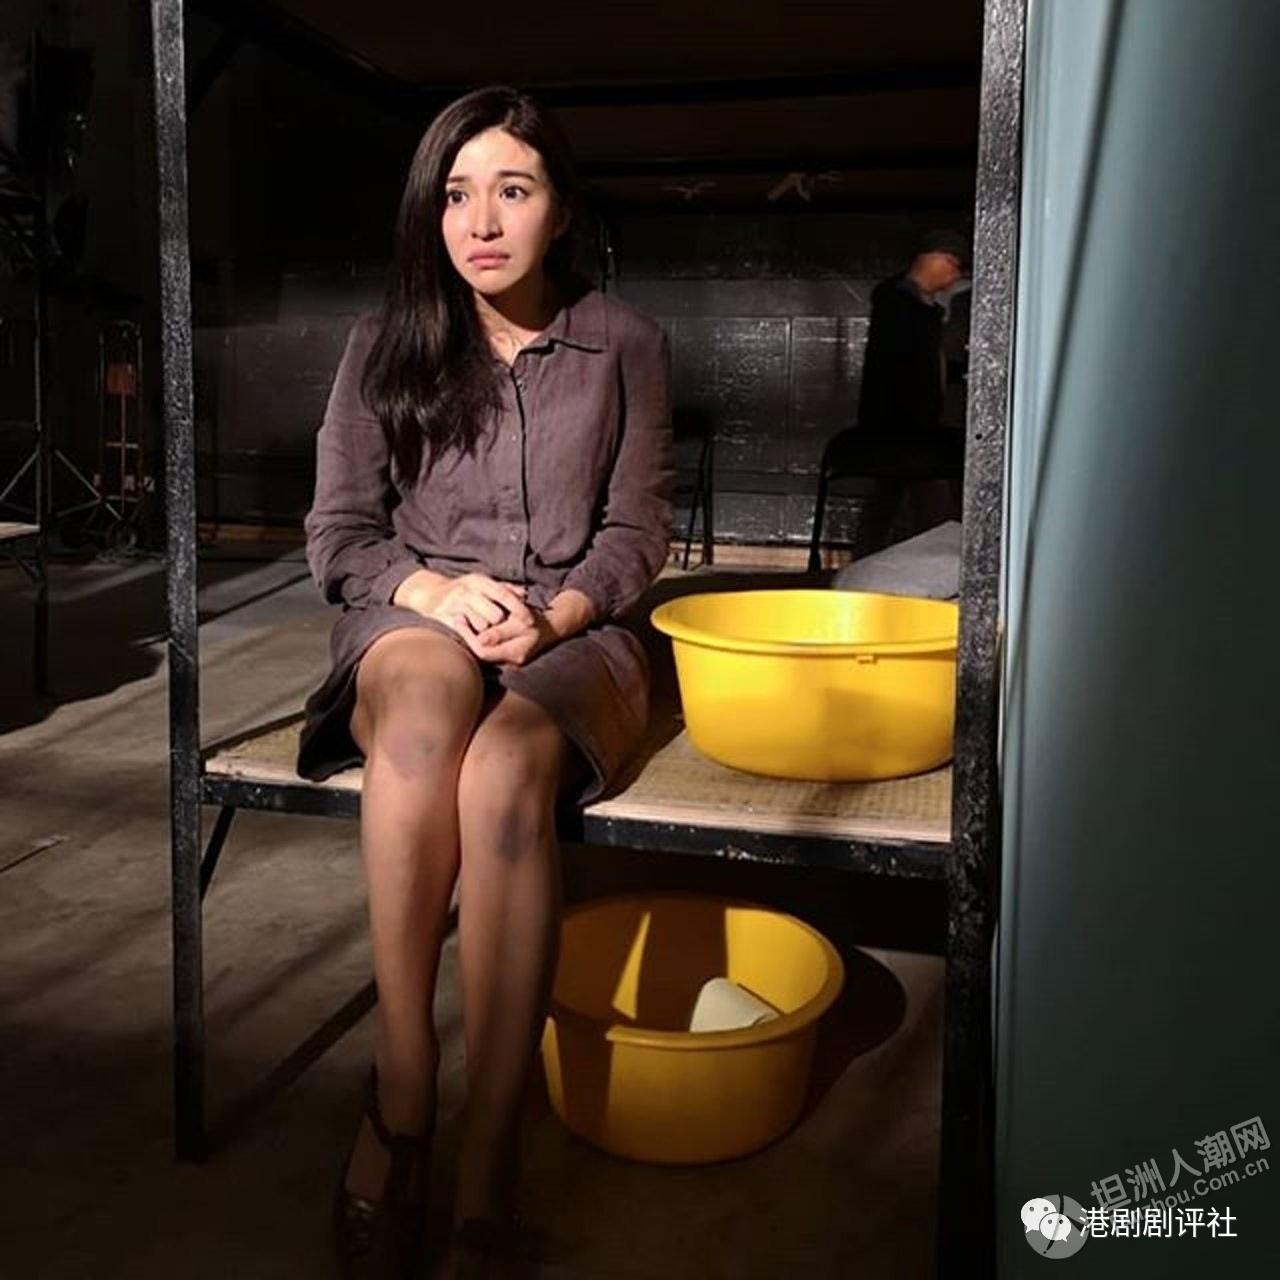 戏假情真?人夫被爆私下与TVB咪神约会拍拖